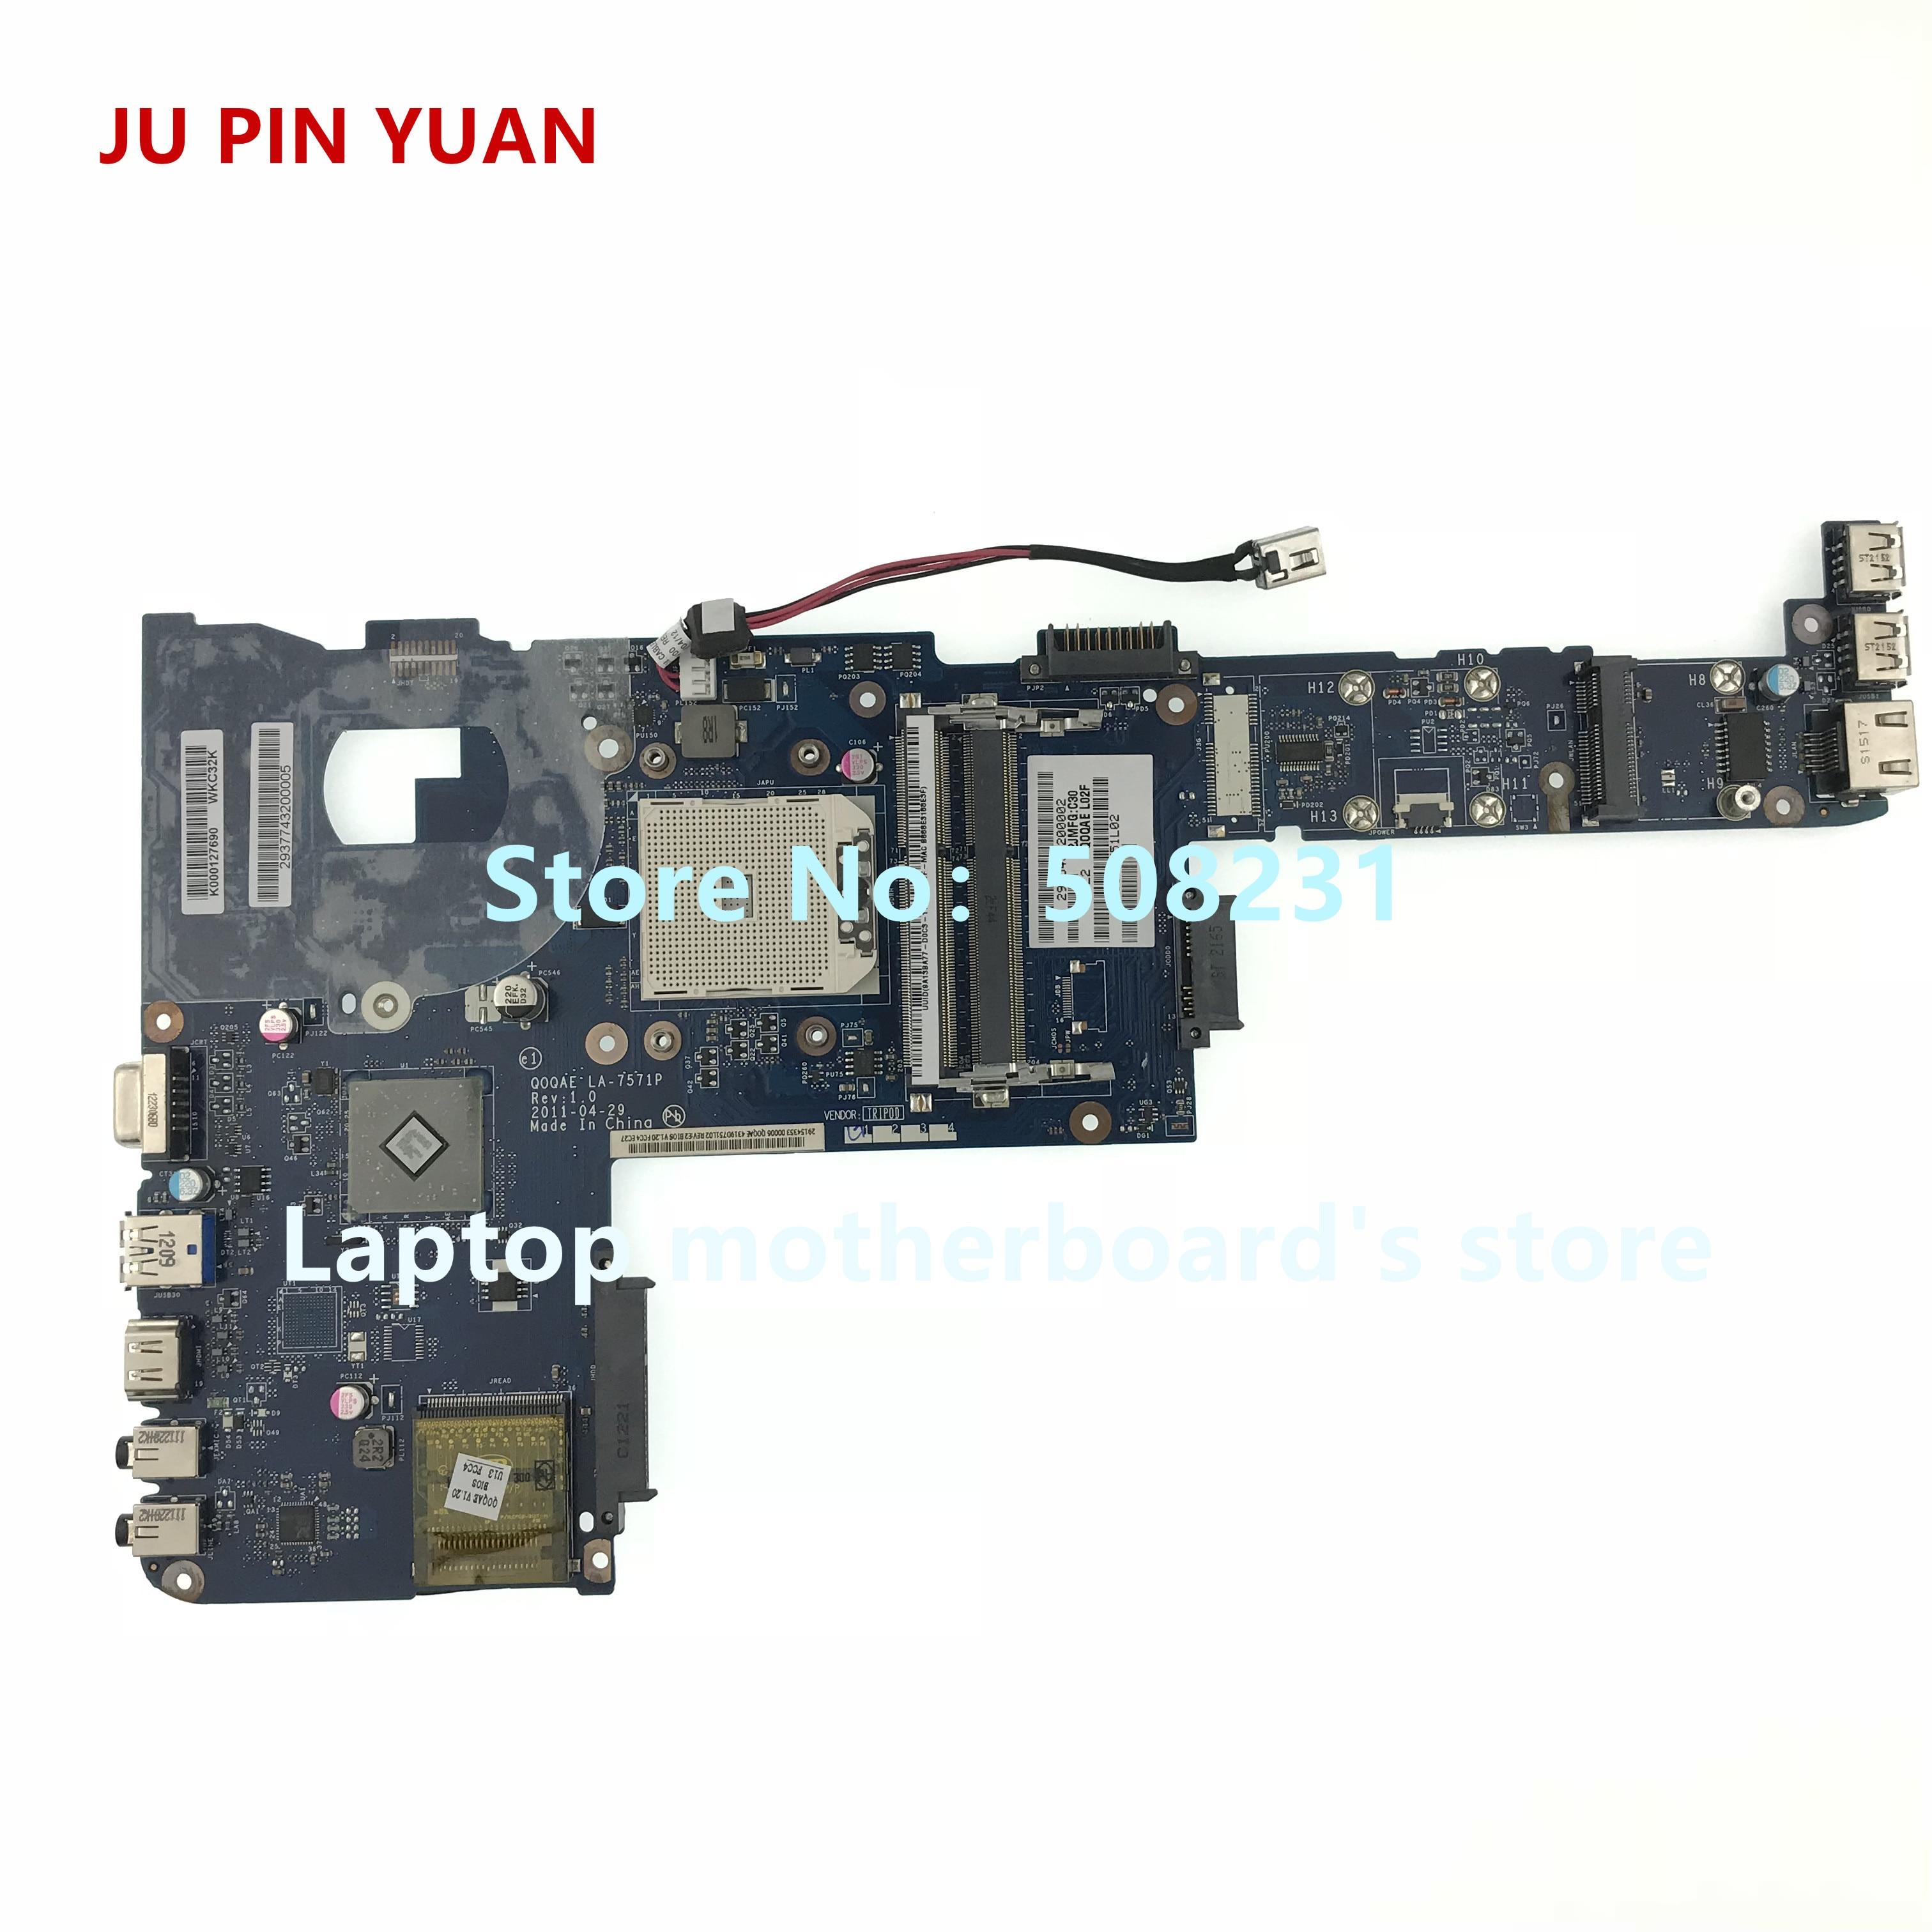 JU PIN YUAN LA-7571P K000127690 for toshiba satellite P740D P745D Laptop motherboard JU PIN YUAN LA-7571P K000127690 for toshiba satellite P740D P745D Laptop motherboard